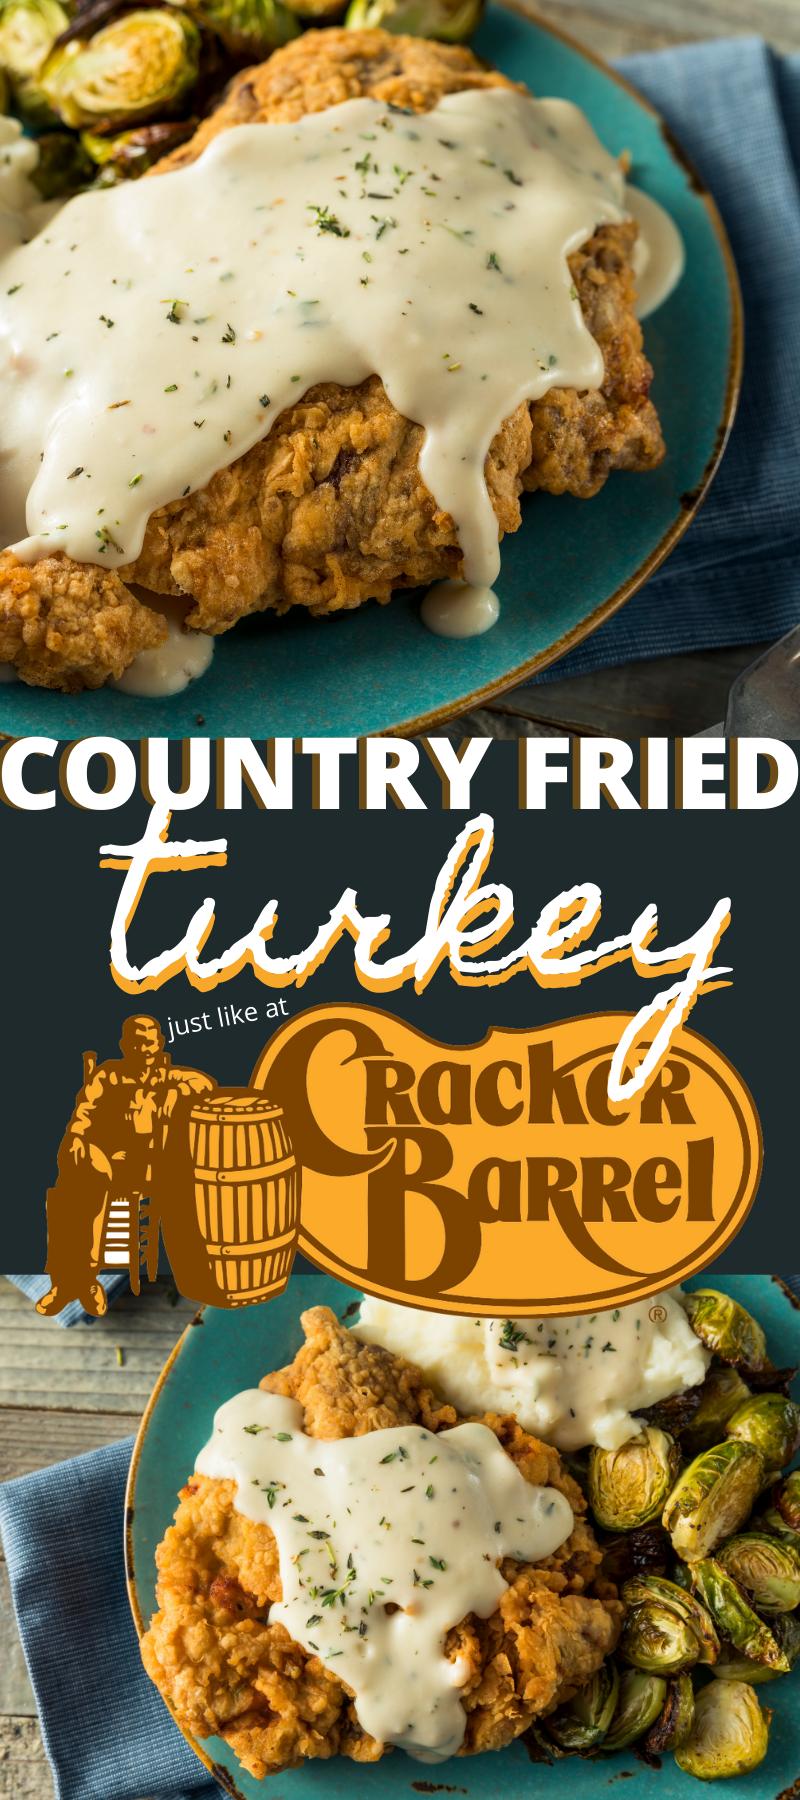 Country Fried Turkey Like Cracker Barrel